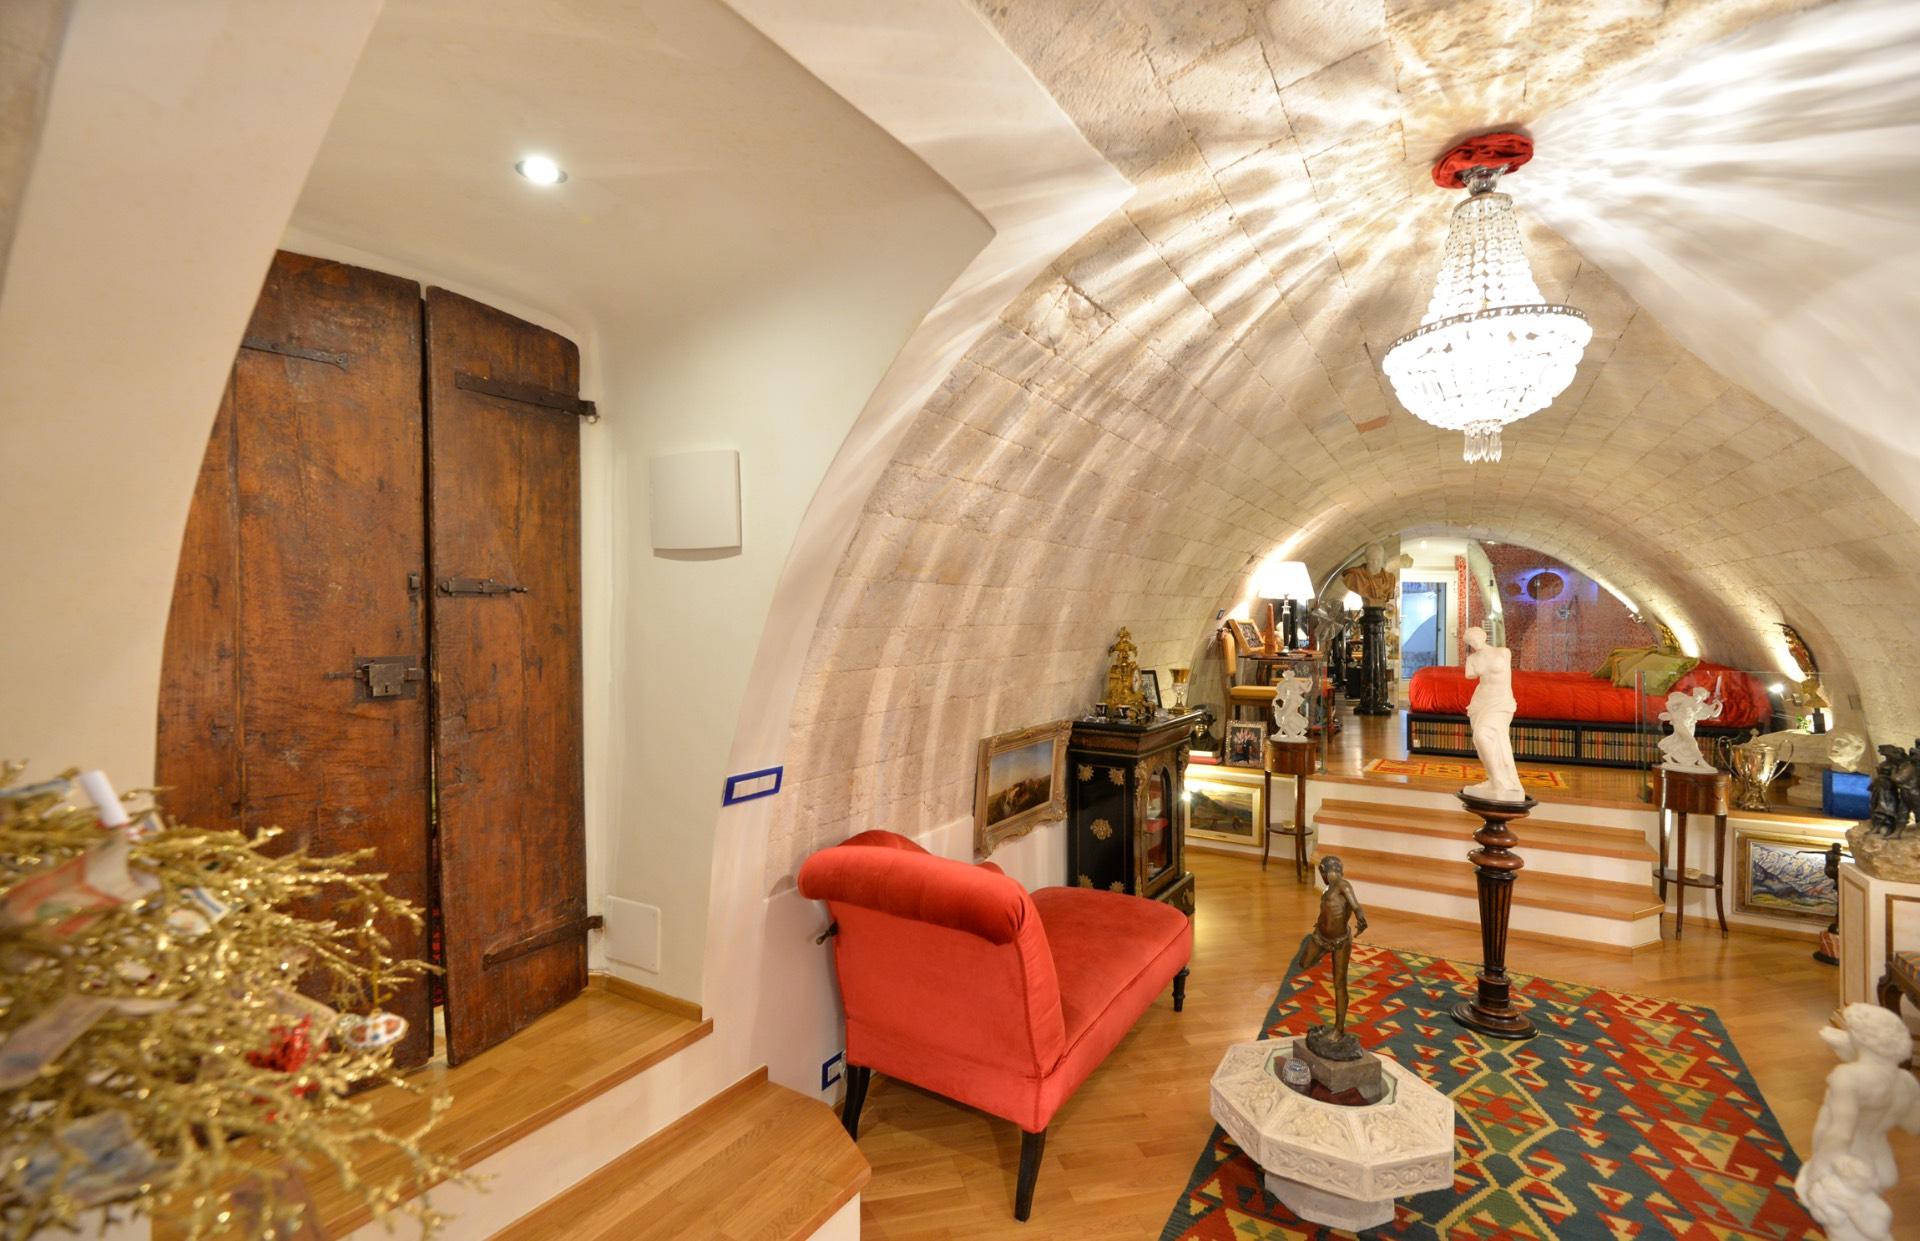 vendita appartamento bari città vecchia  370000 euro  3 locali  159 mq